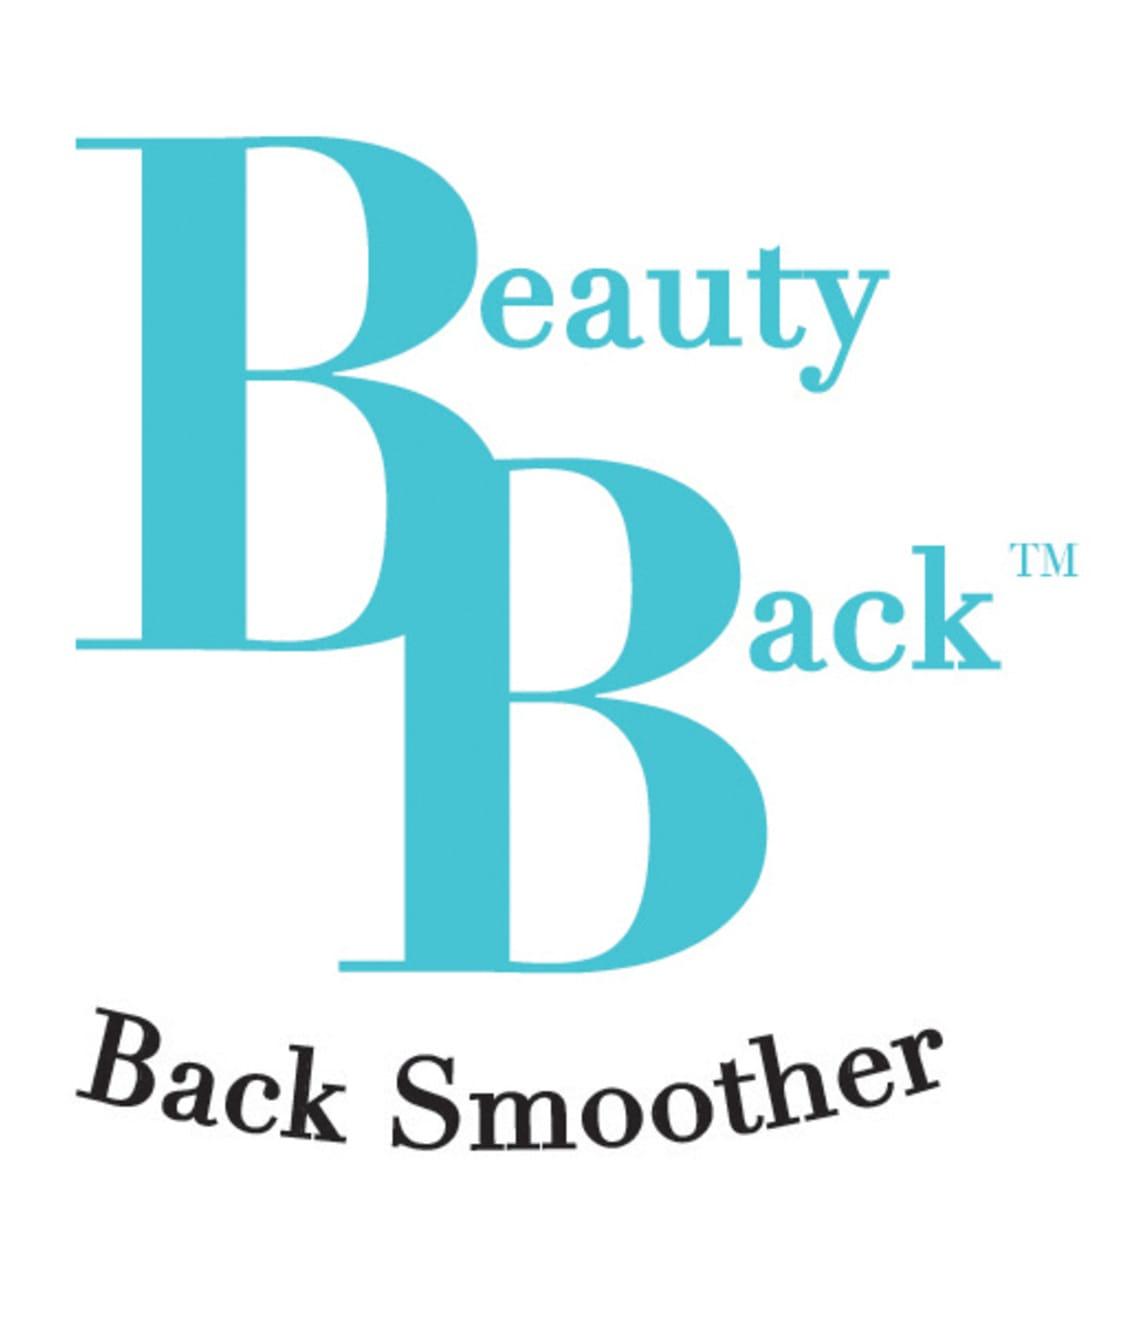 Vanity Fair Beauty Back™ Back Smoothing Strapless T-Shirt Bra ...